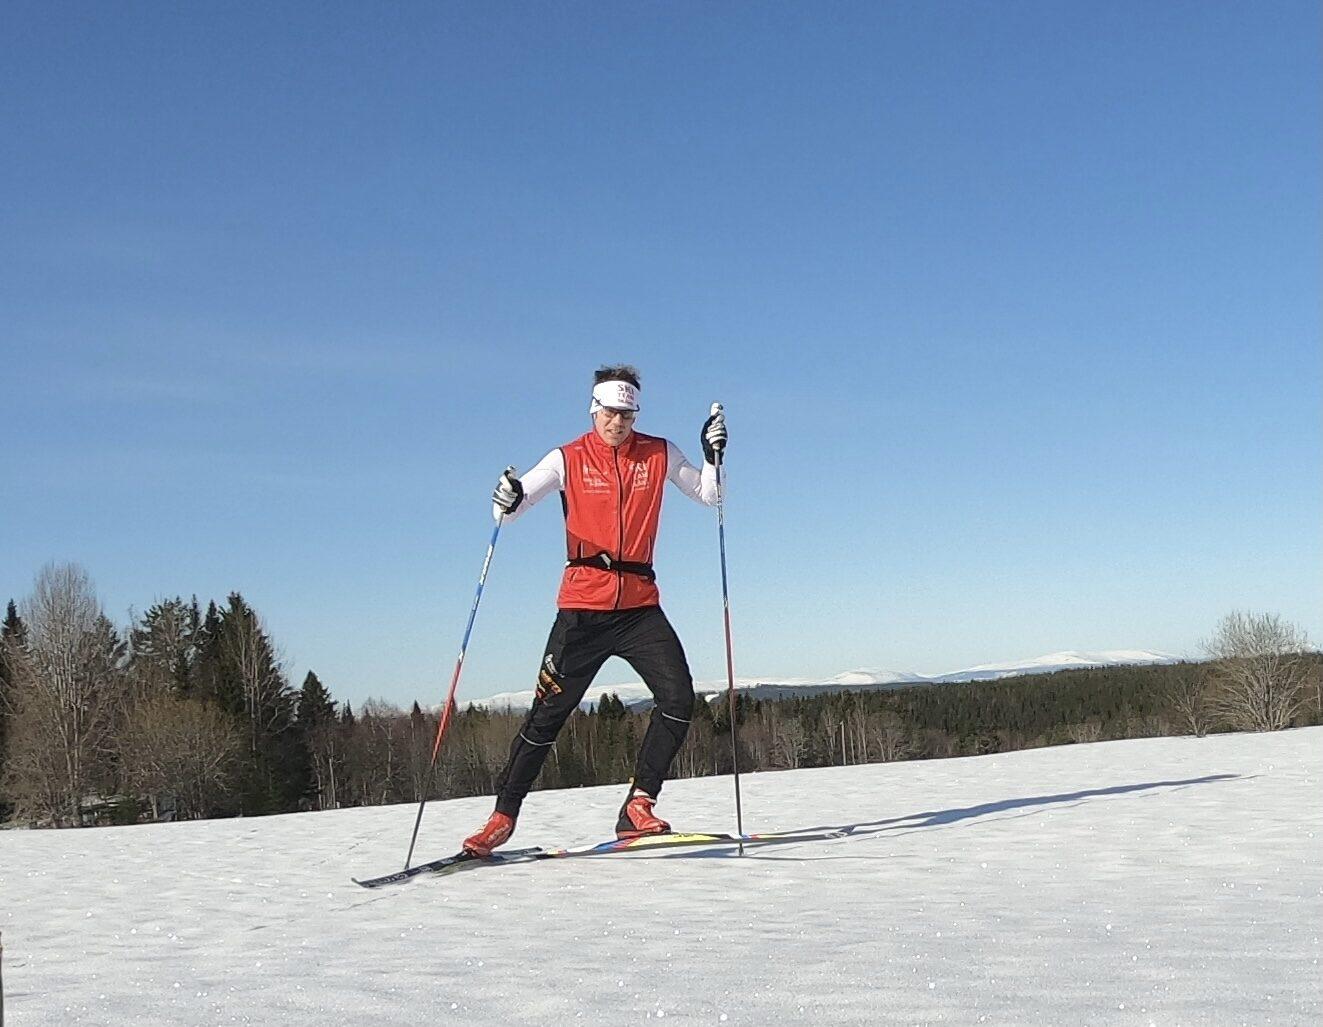 Johannes Andersson Skånsk Skidåkare